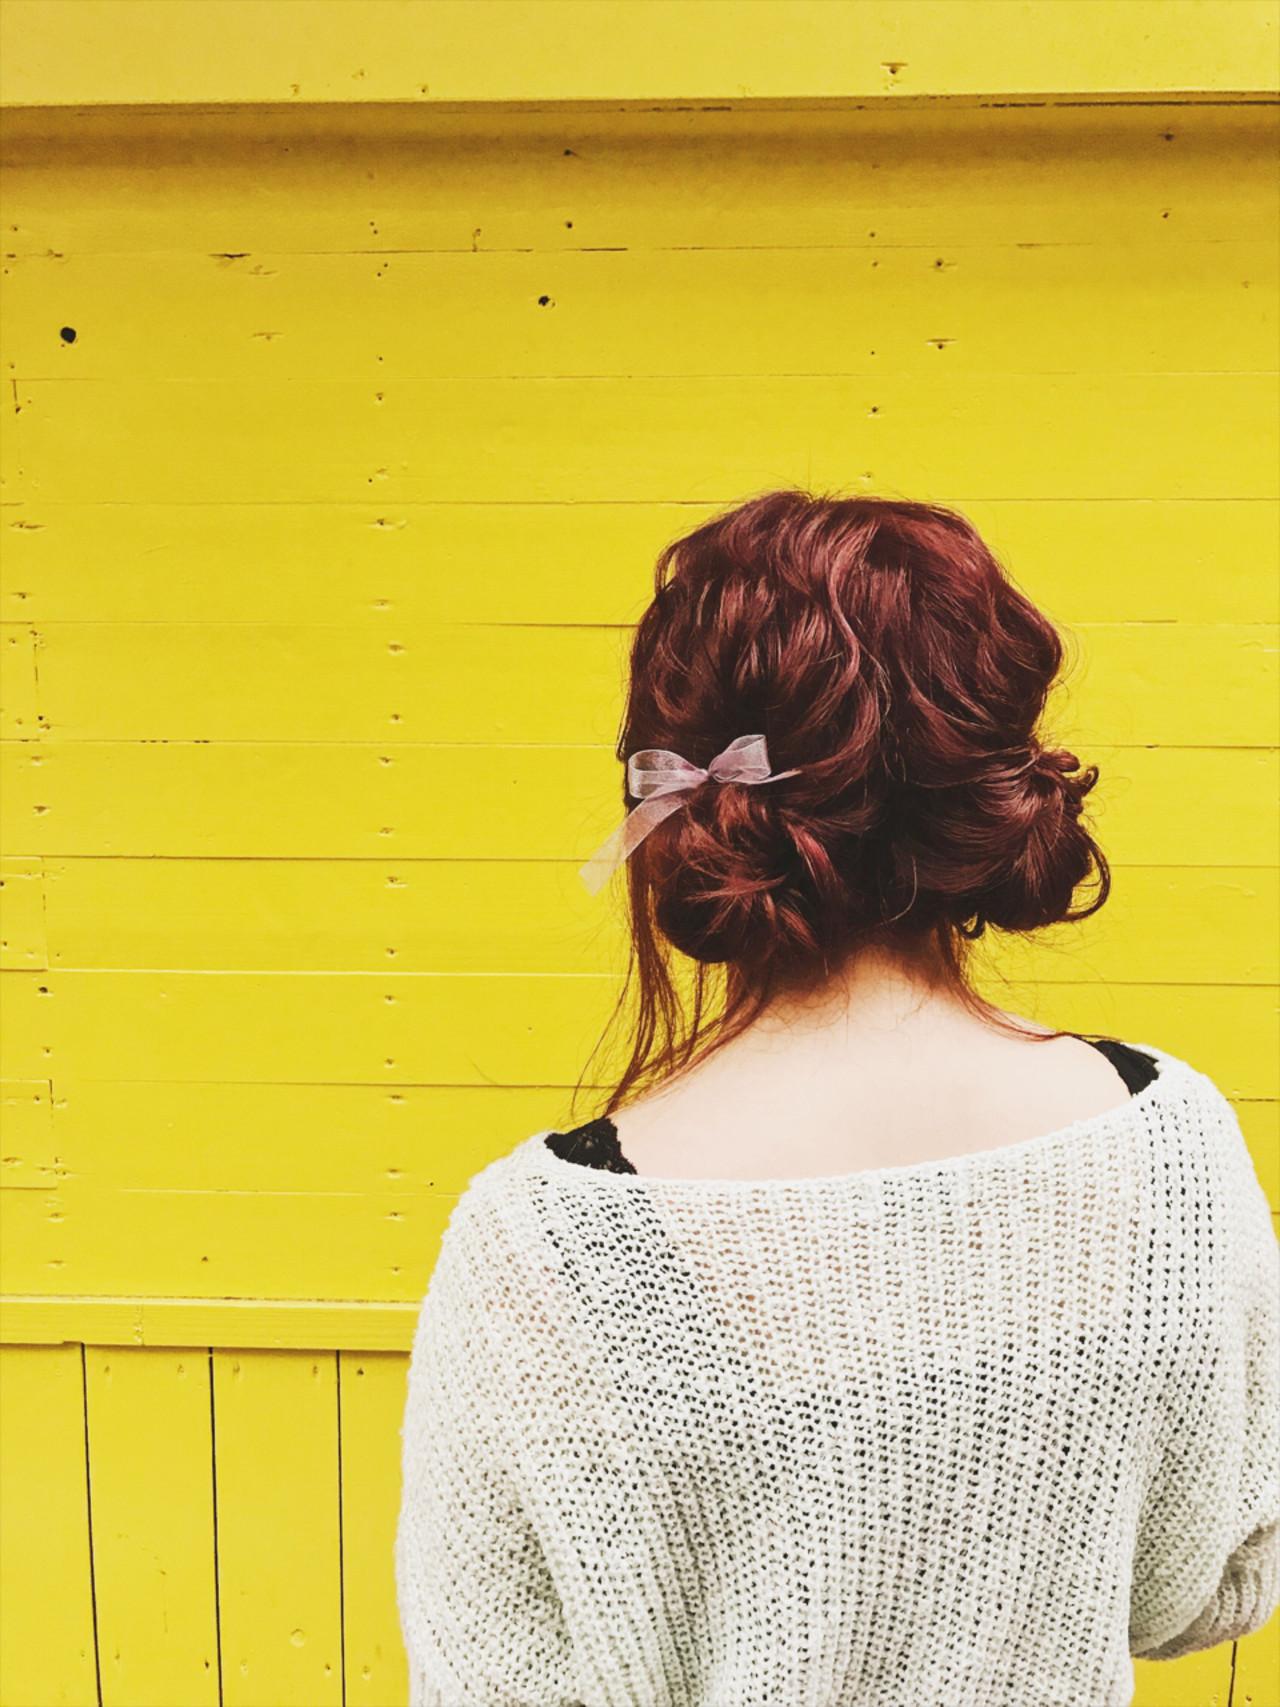 ヘアアレンジ ミディアム お団子 ガーリー ヘアスタイルや髪型の写真・画像